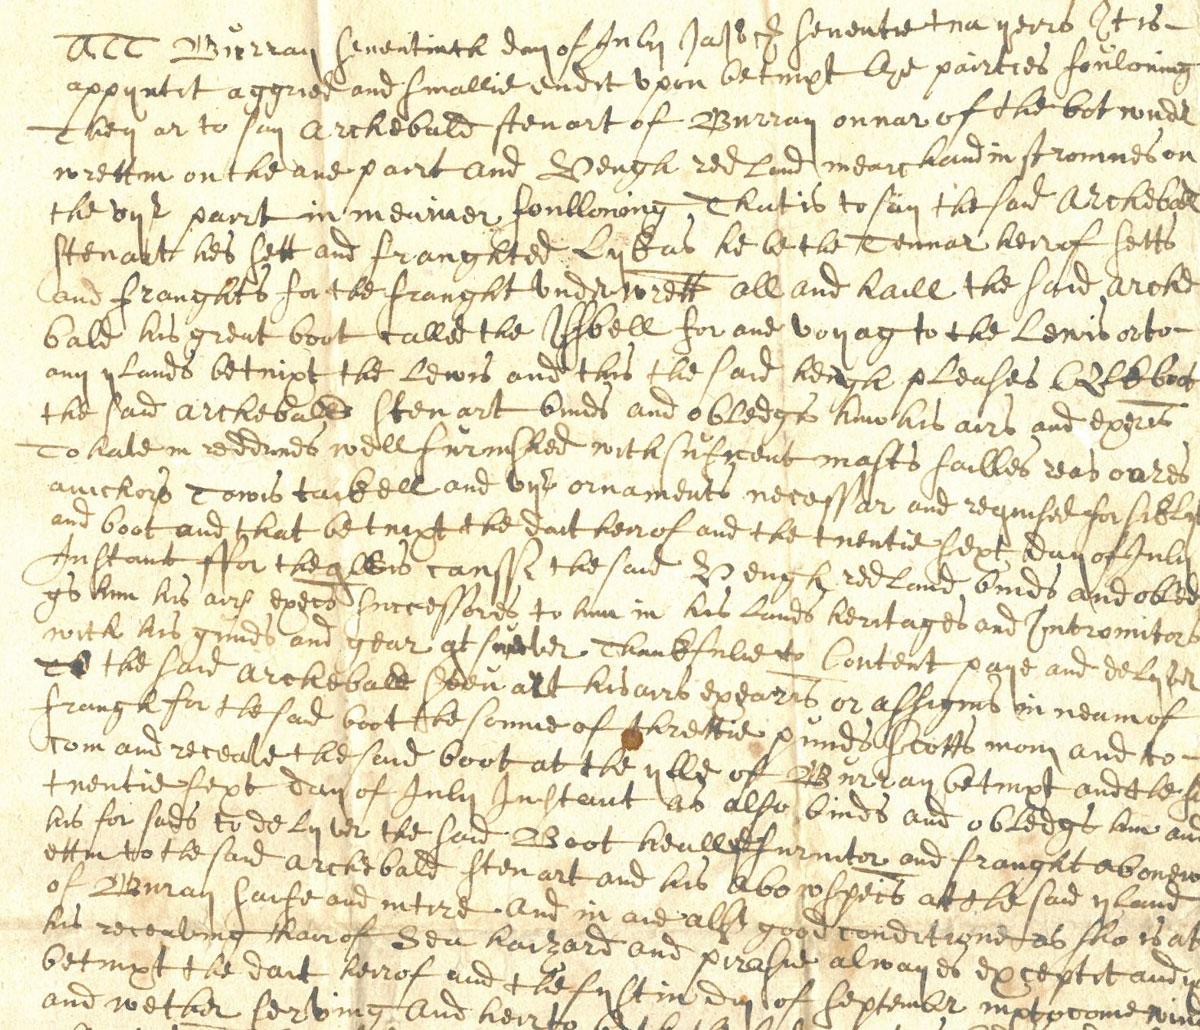 1679 letter